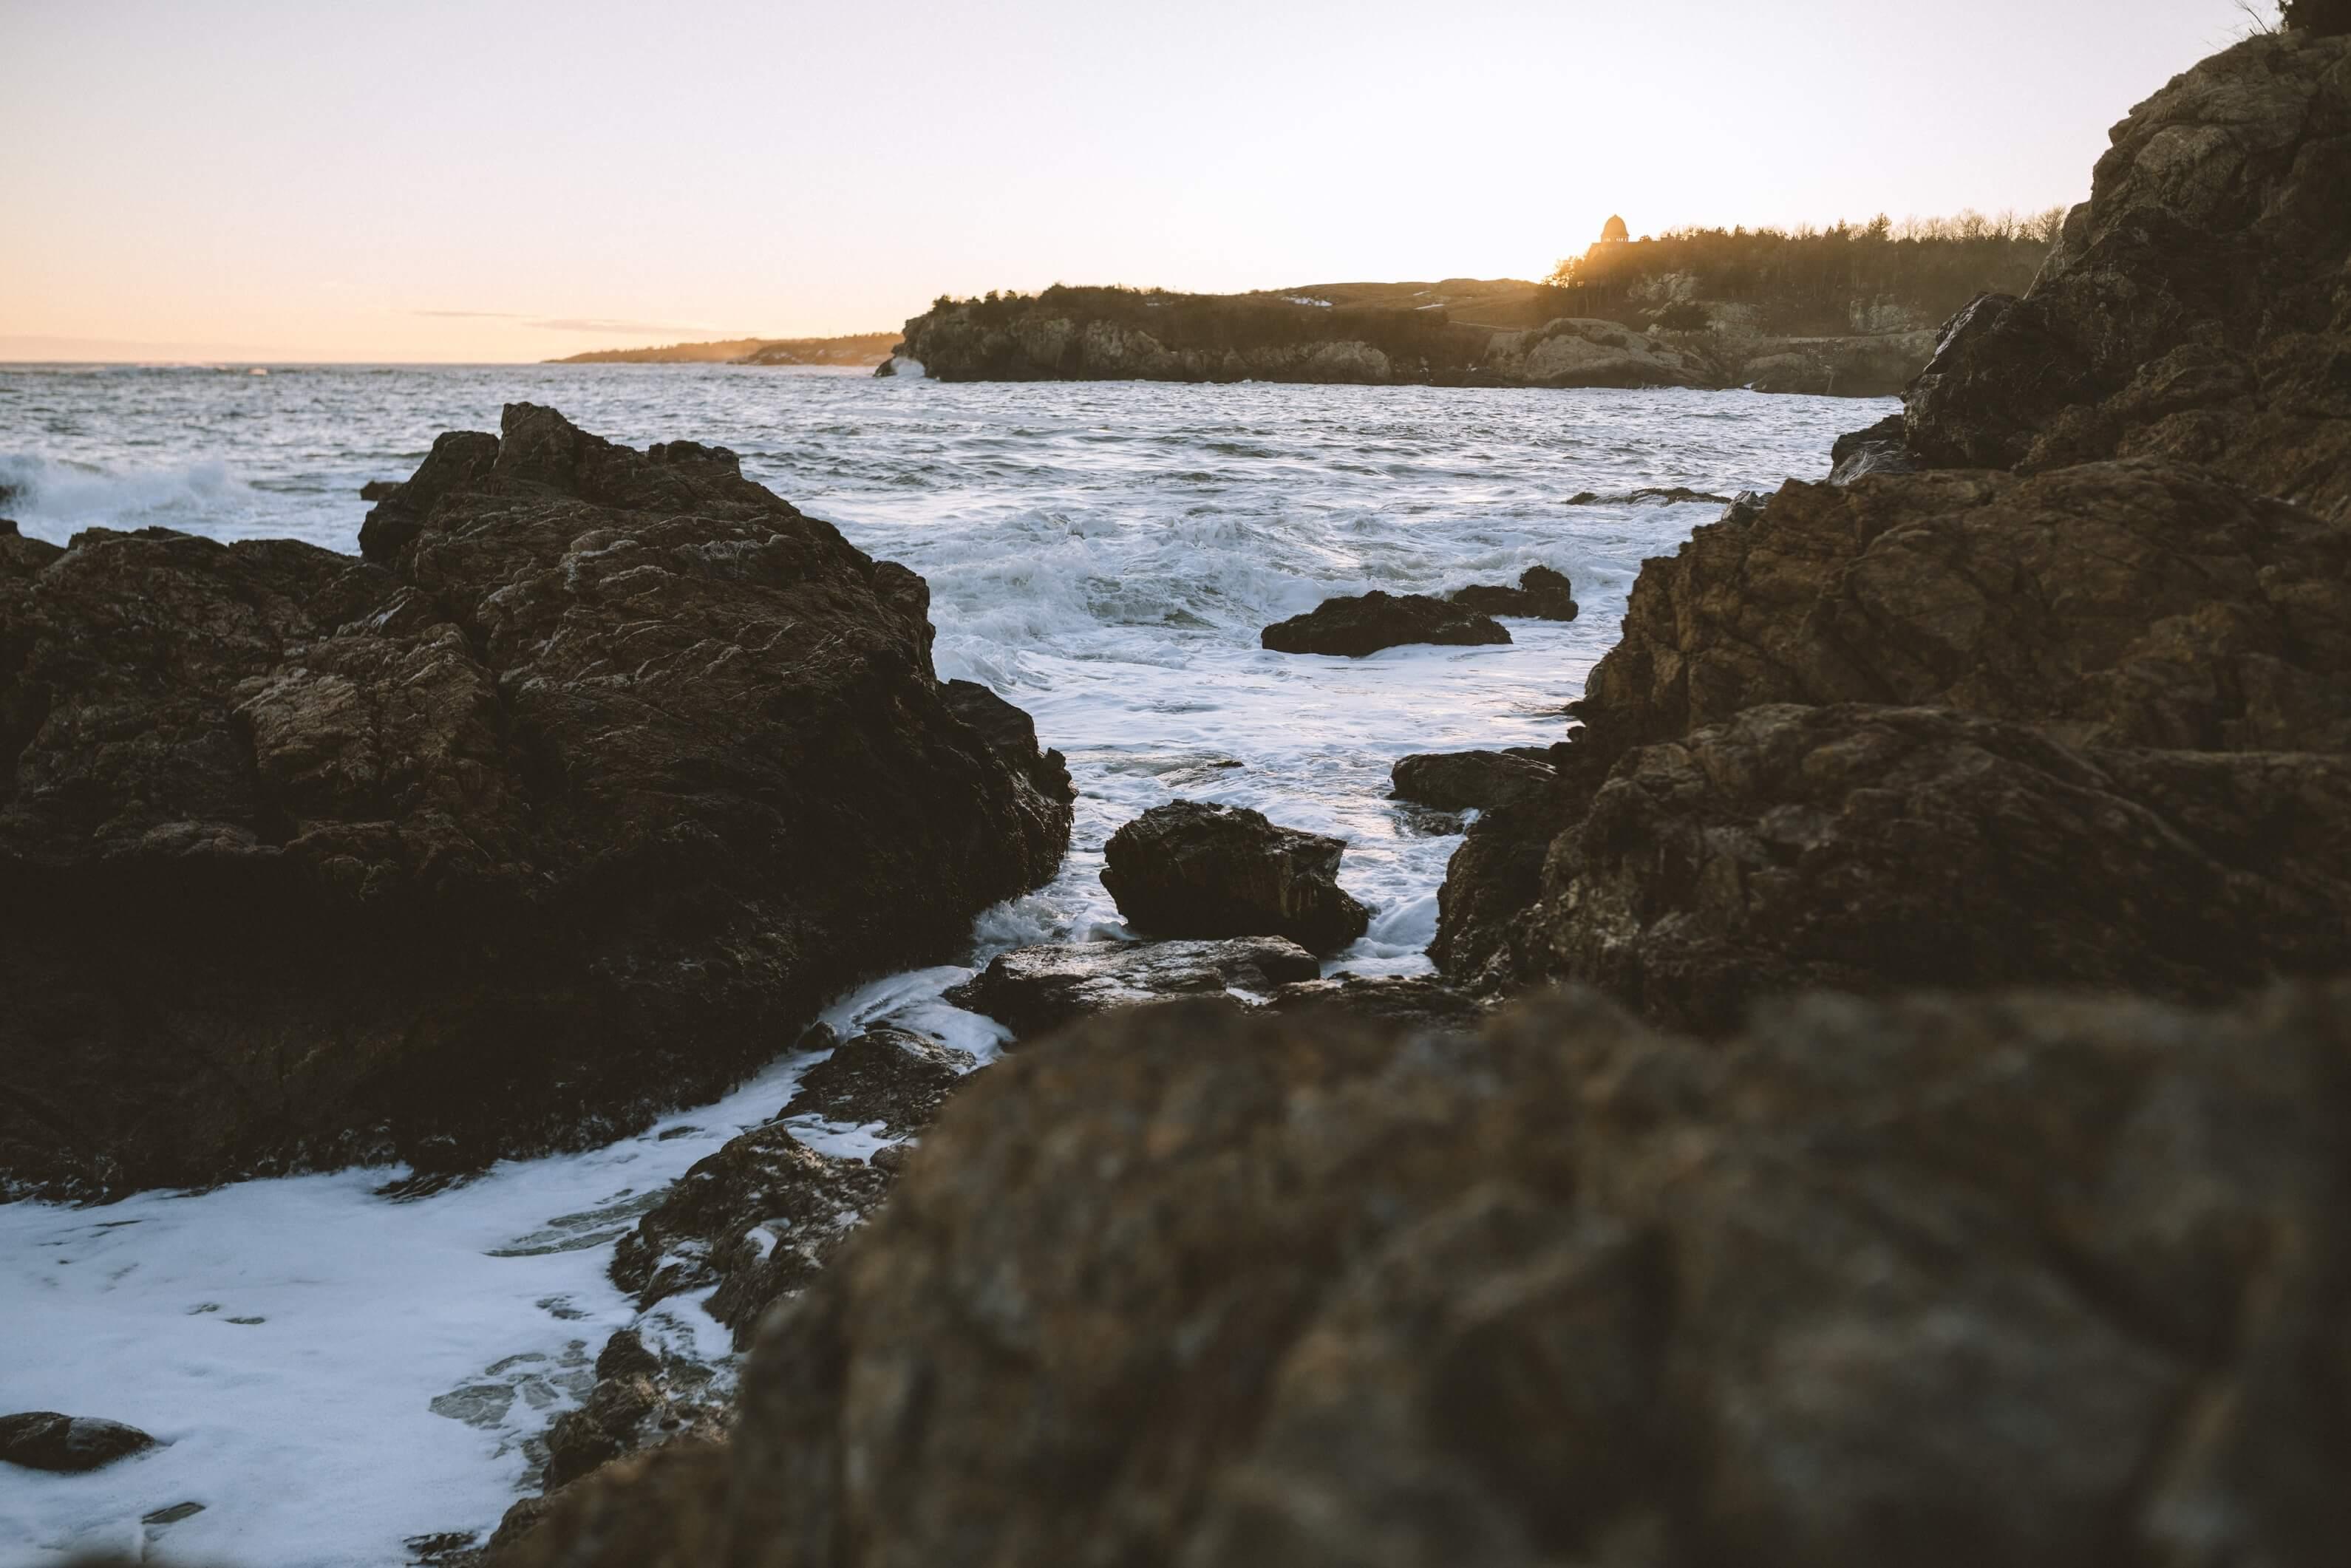 The Best Photo Spots in Newport, Rhode Island